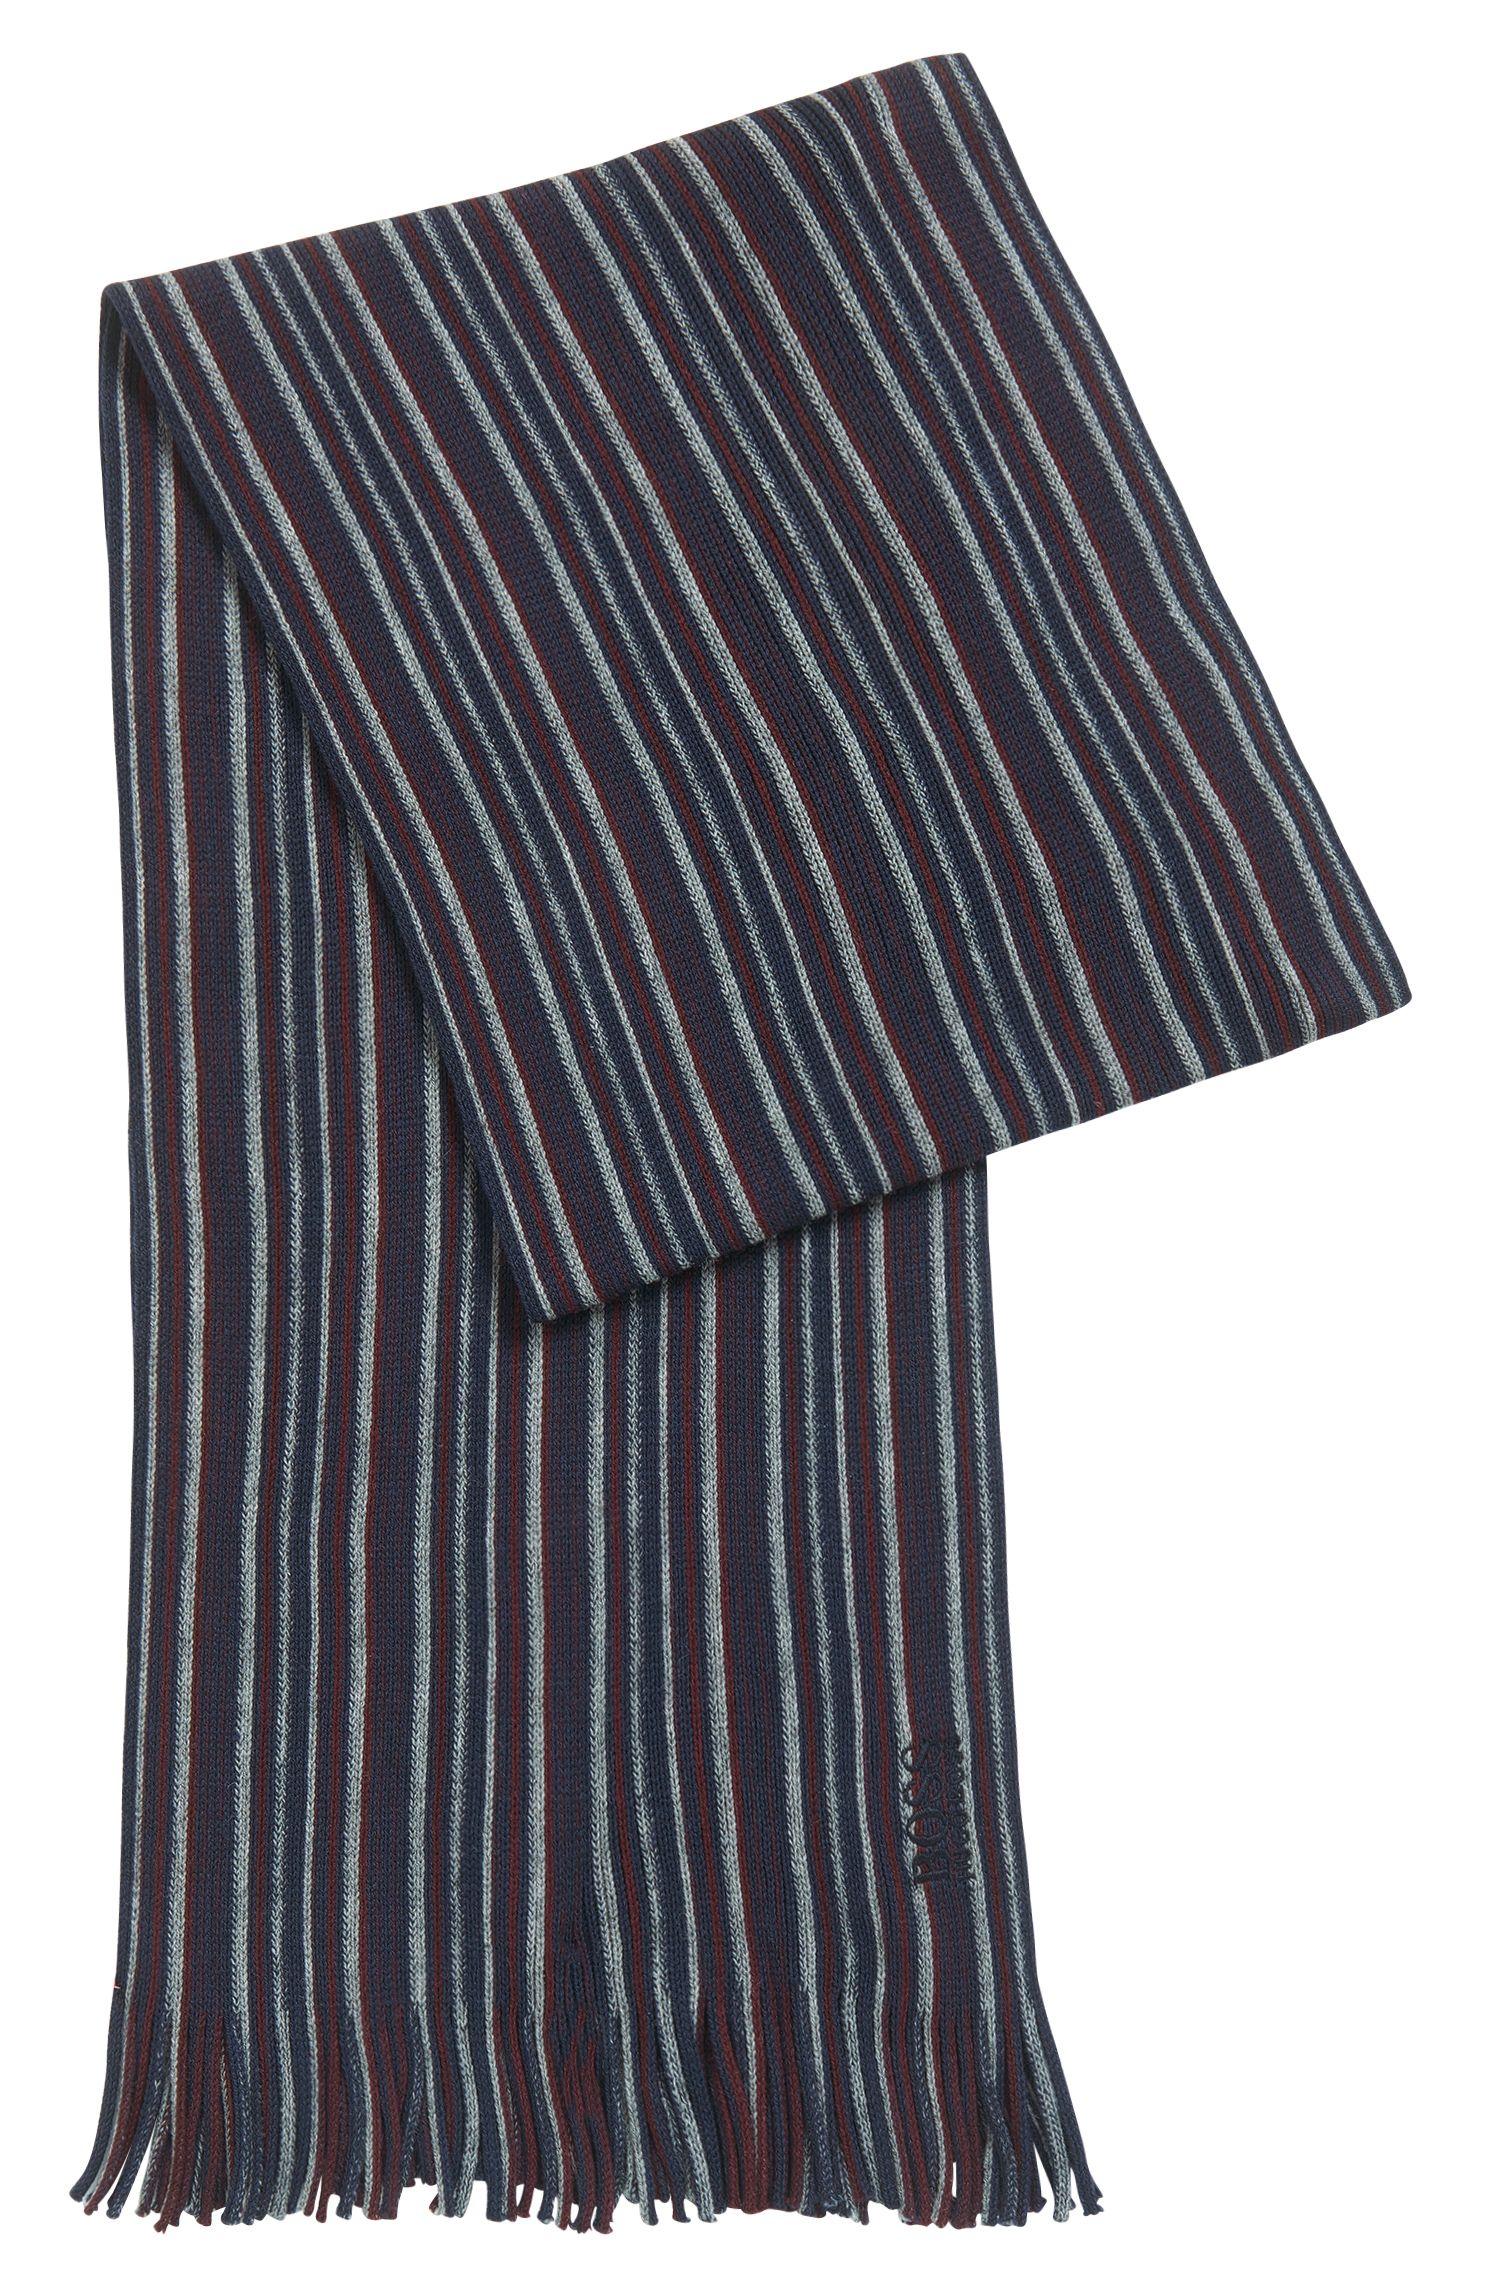 Sciarpa a righe in lana vergine